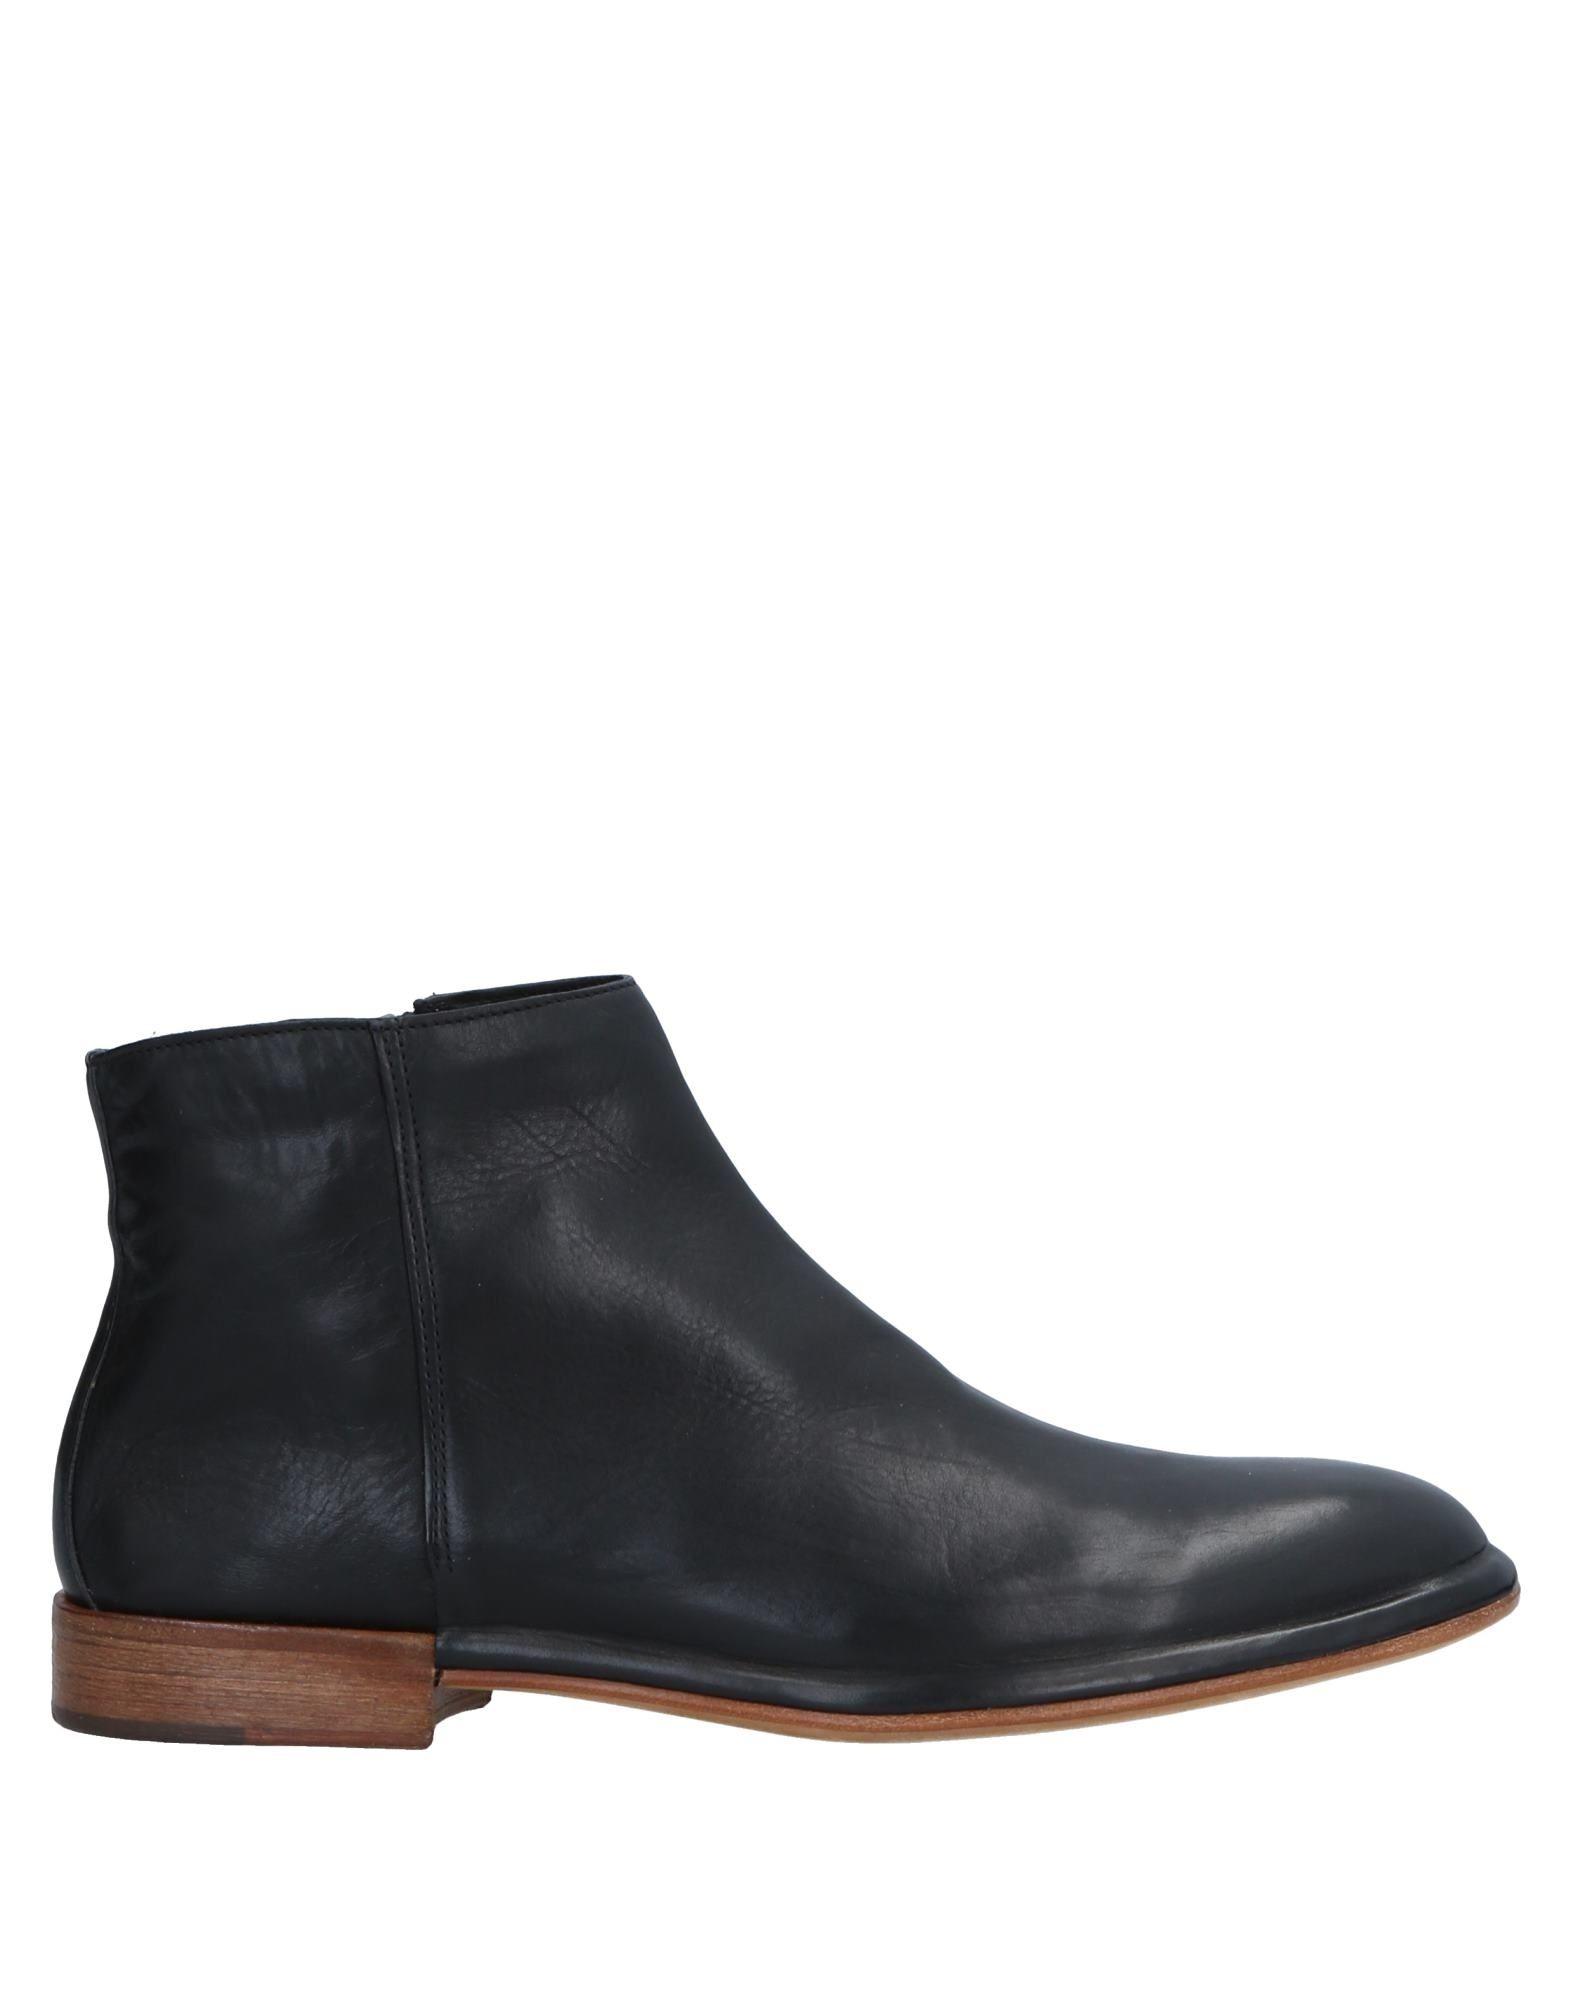 Rabatt Schuhe Roberto Del Carlo Stiefelette Damen  44975832SU